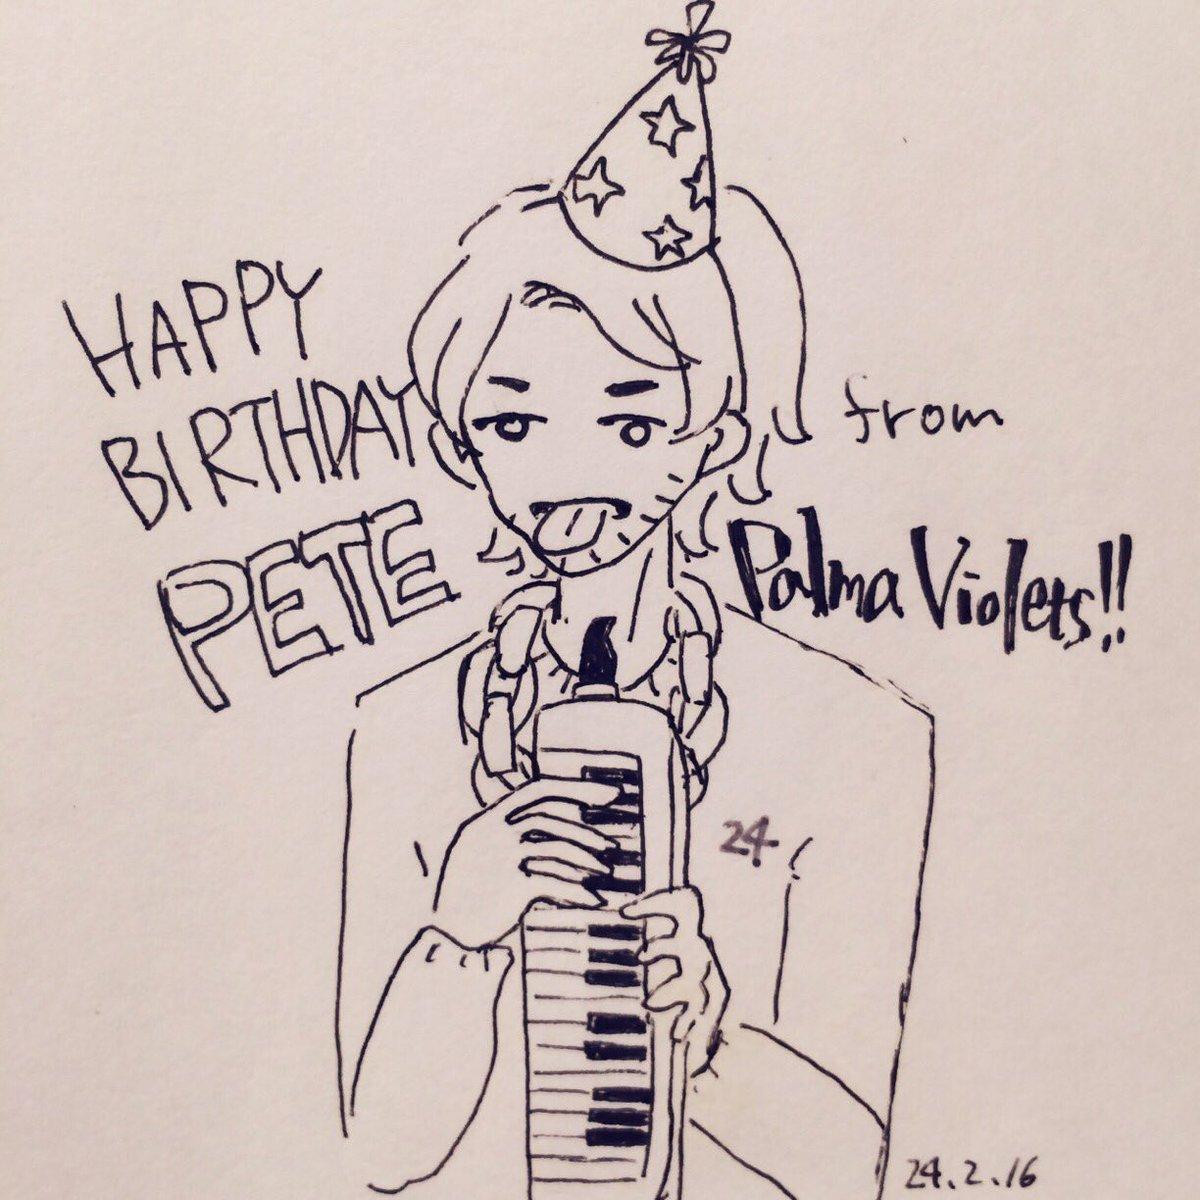 Happy Birthday Pete Mayhew from Palma Violets🎉🎉 マイペースでユニークな君が好き❤️次来日した時はもっと目立っていいんだよ…!